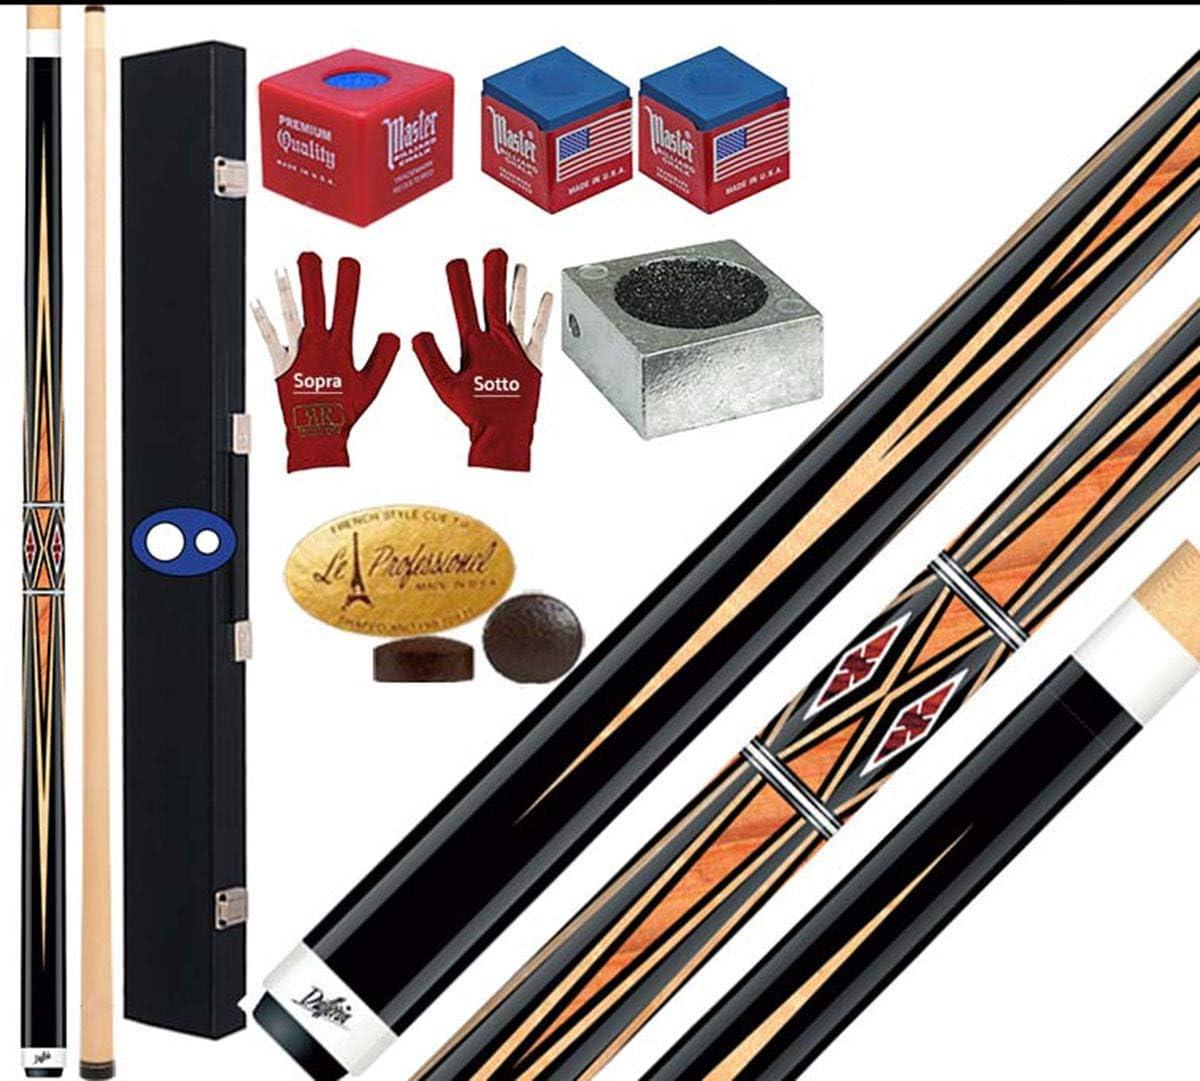 Dufferin mosaico Serie D533. Taco Pro Billar Pool 2 piezas, cm.147, cuero Tiger Everest multicapa o mm. 12,5. Maletín, rodillos y accesorios gratis.: Amazon.es: Deportes y aire libre